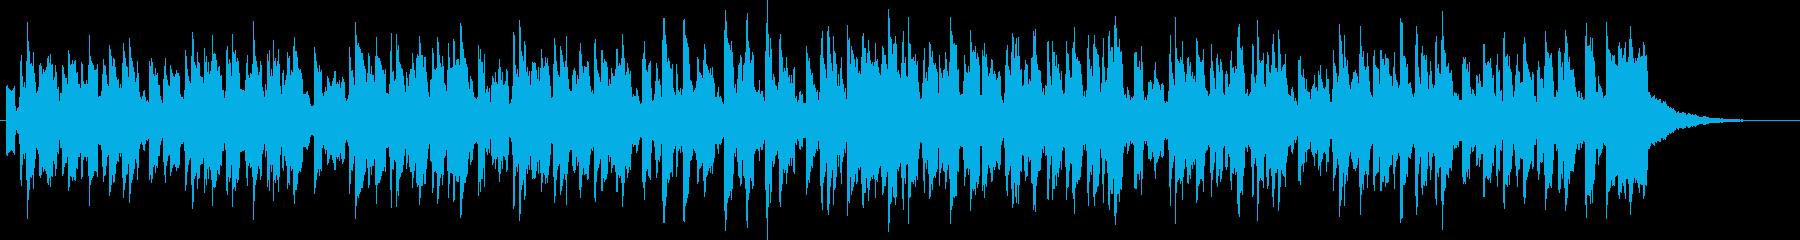 シンセとスチールドラムのほのぼのジングルの再生済みの波形